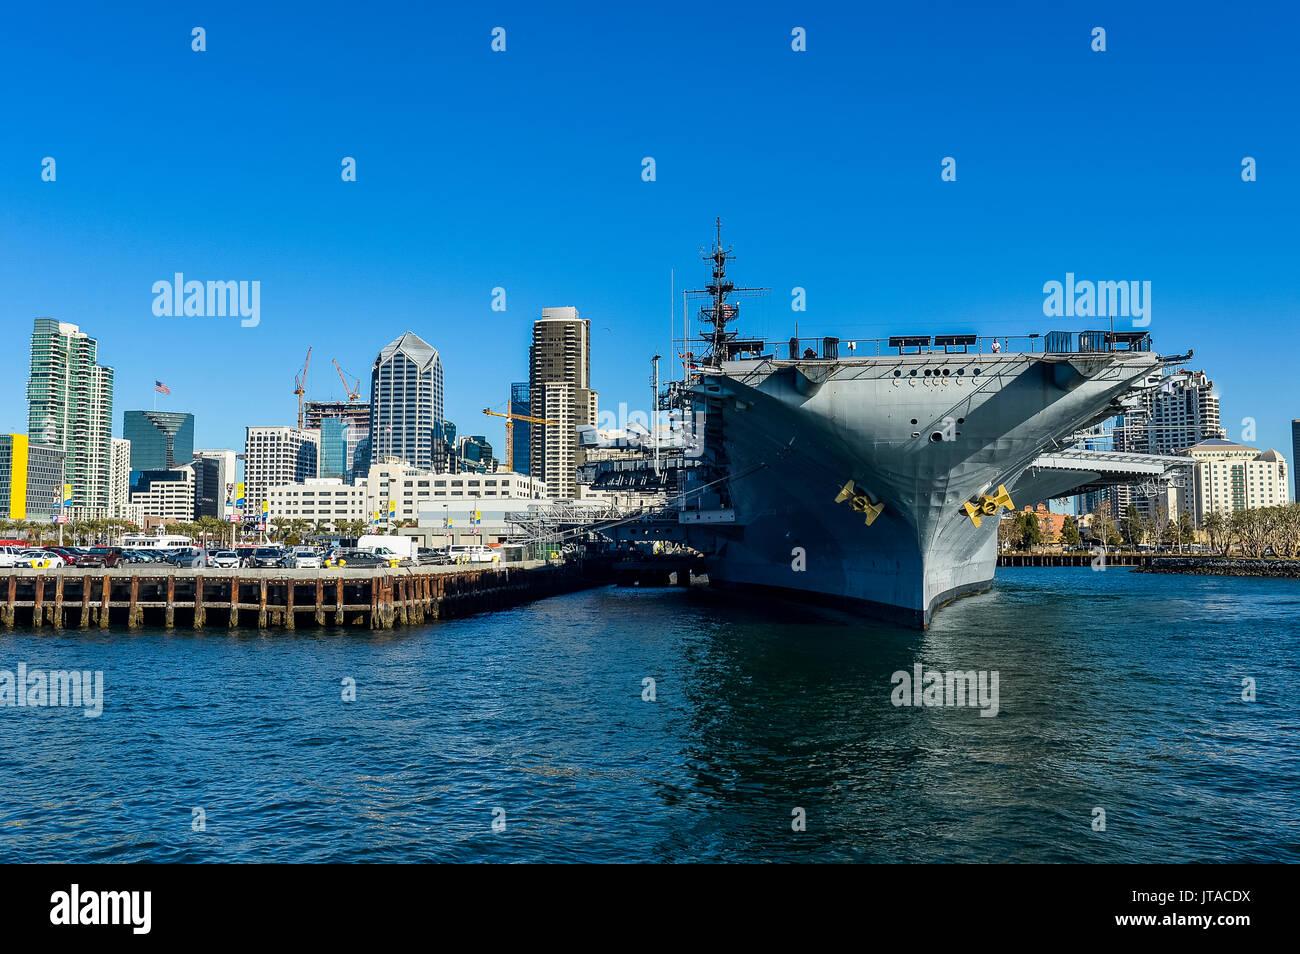 Horizonte de San Diego con el USS Midway, el puerto de San Diego, California, Estados Unidos de América, América del Norte Imagen De Stock